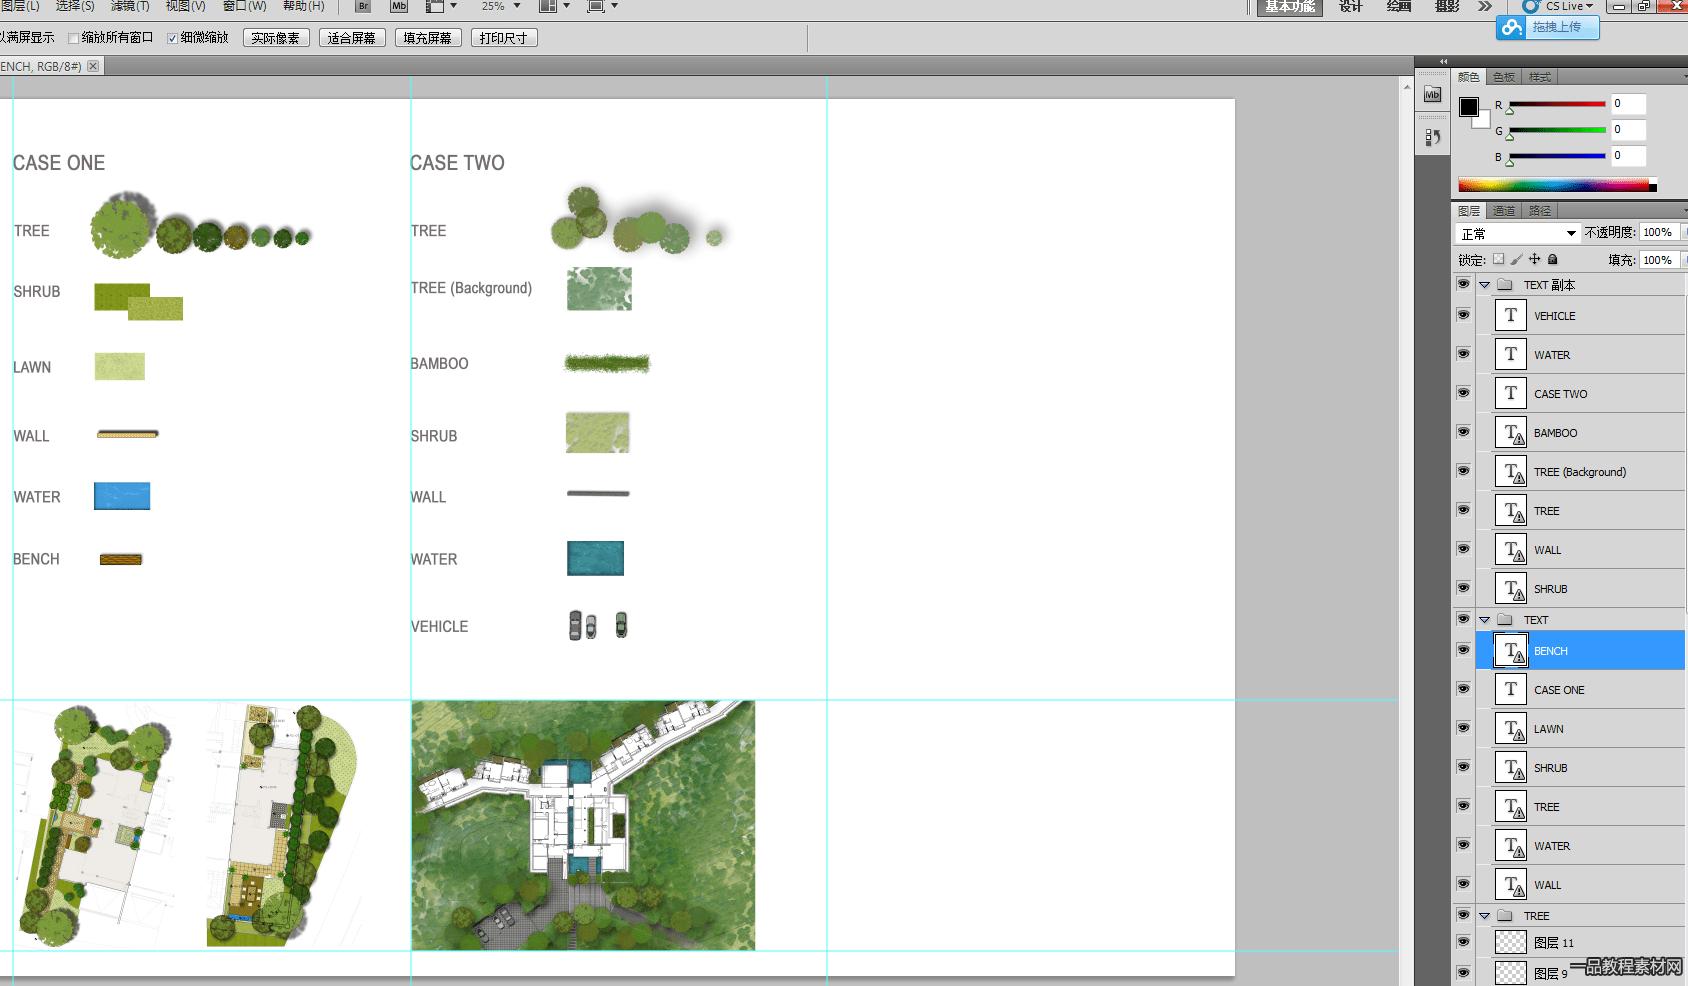 国外风景园林景观设计psd彩色平面树及PSD平面景观素材